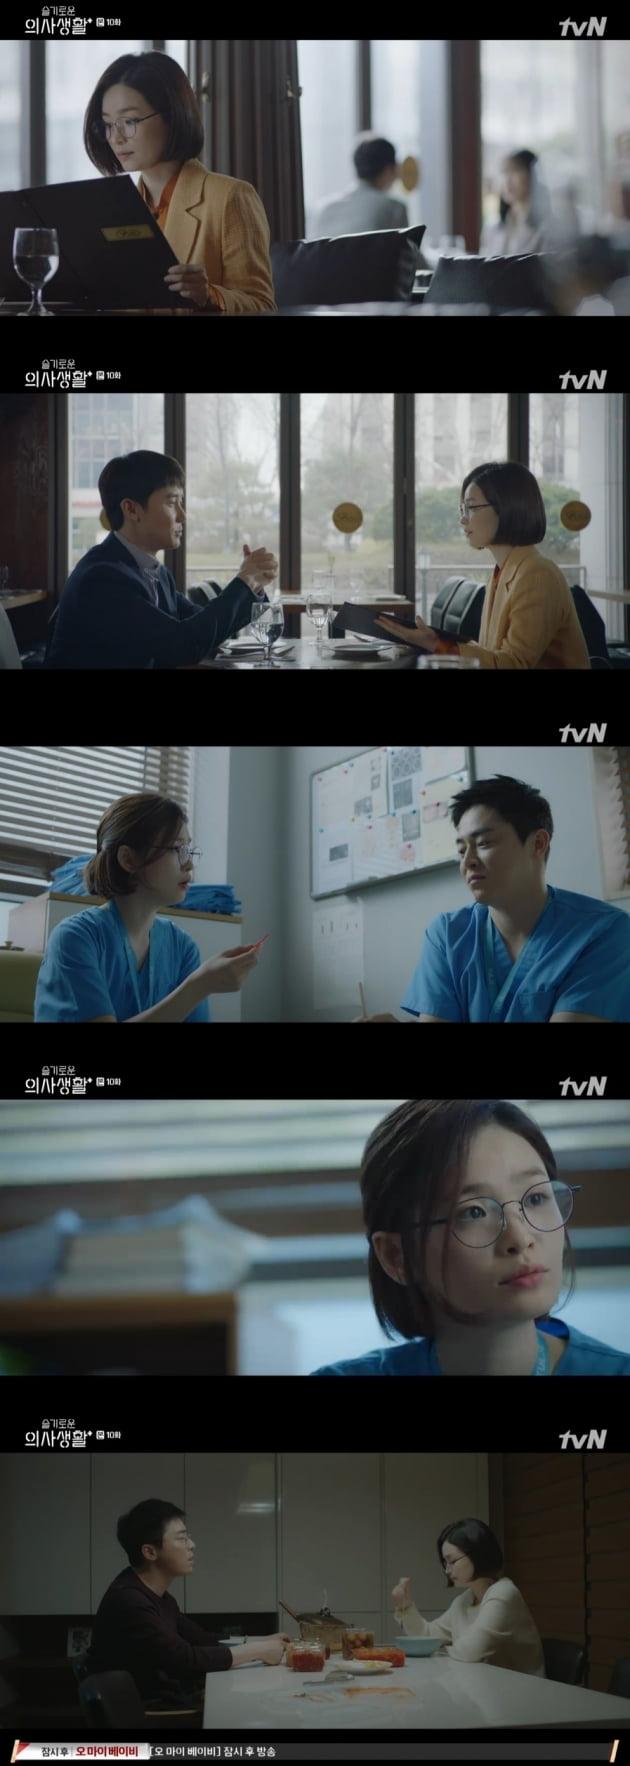 '슬기로운 의사생활' 전미도 조정석 김준한